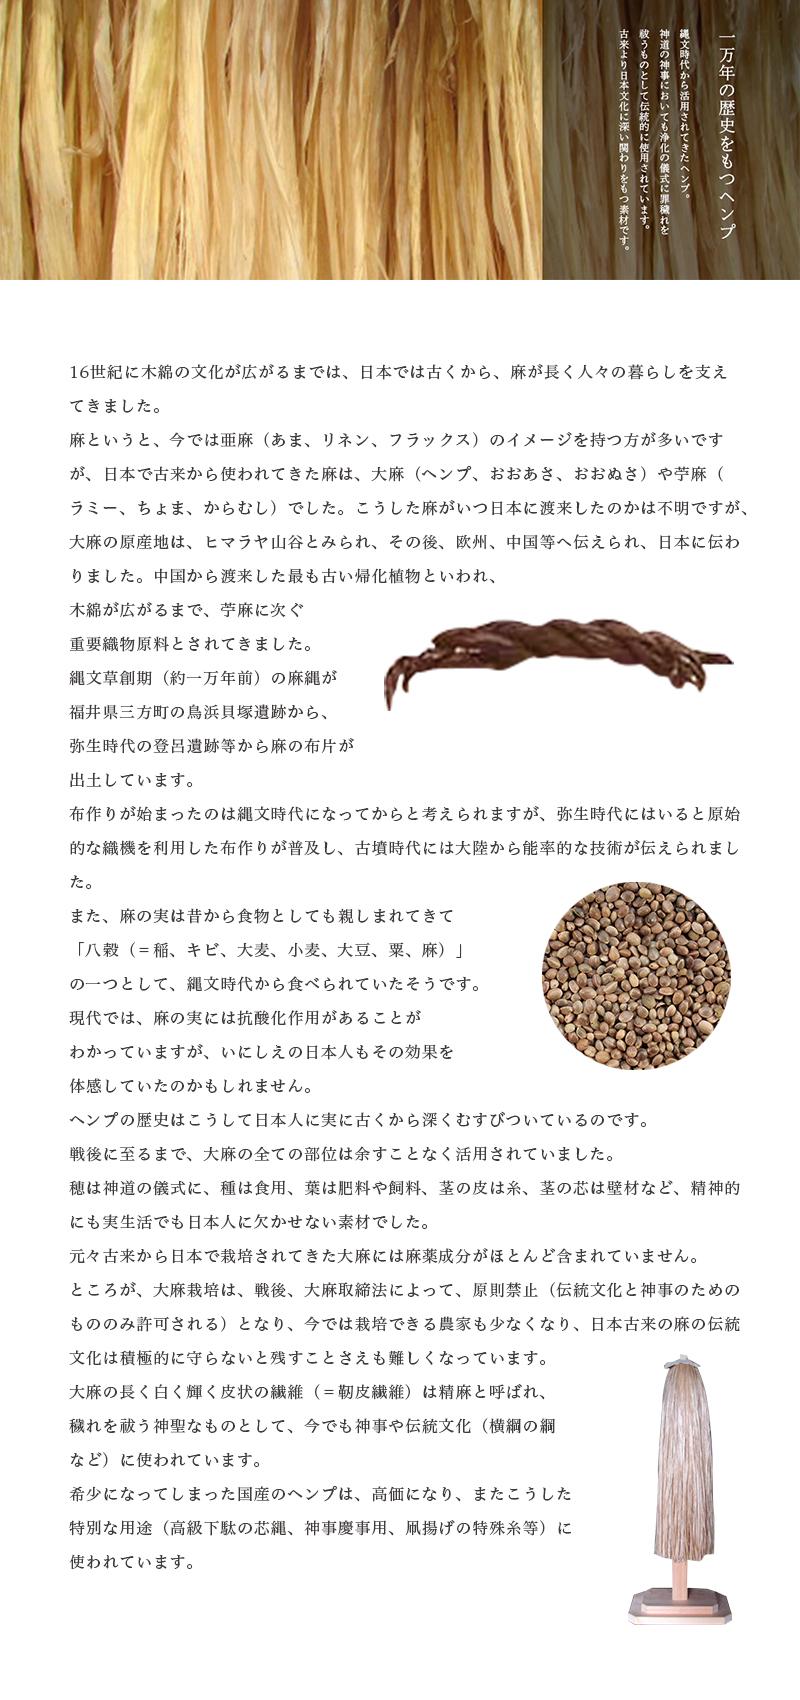 ヘンプの歴史、伝統